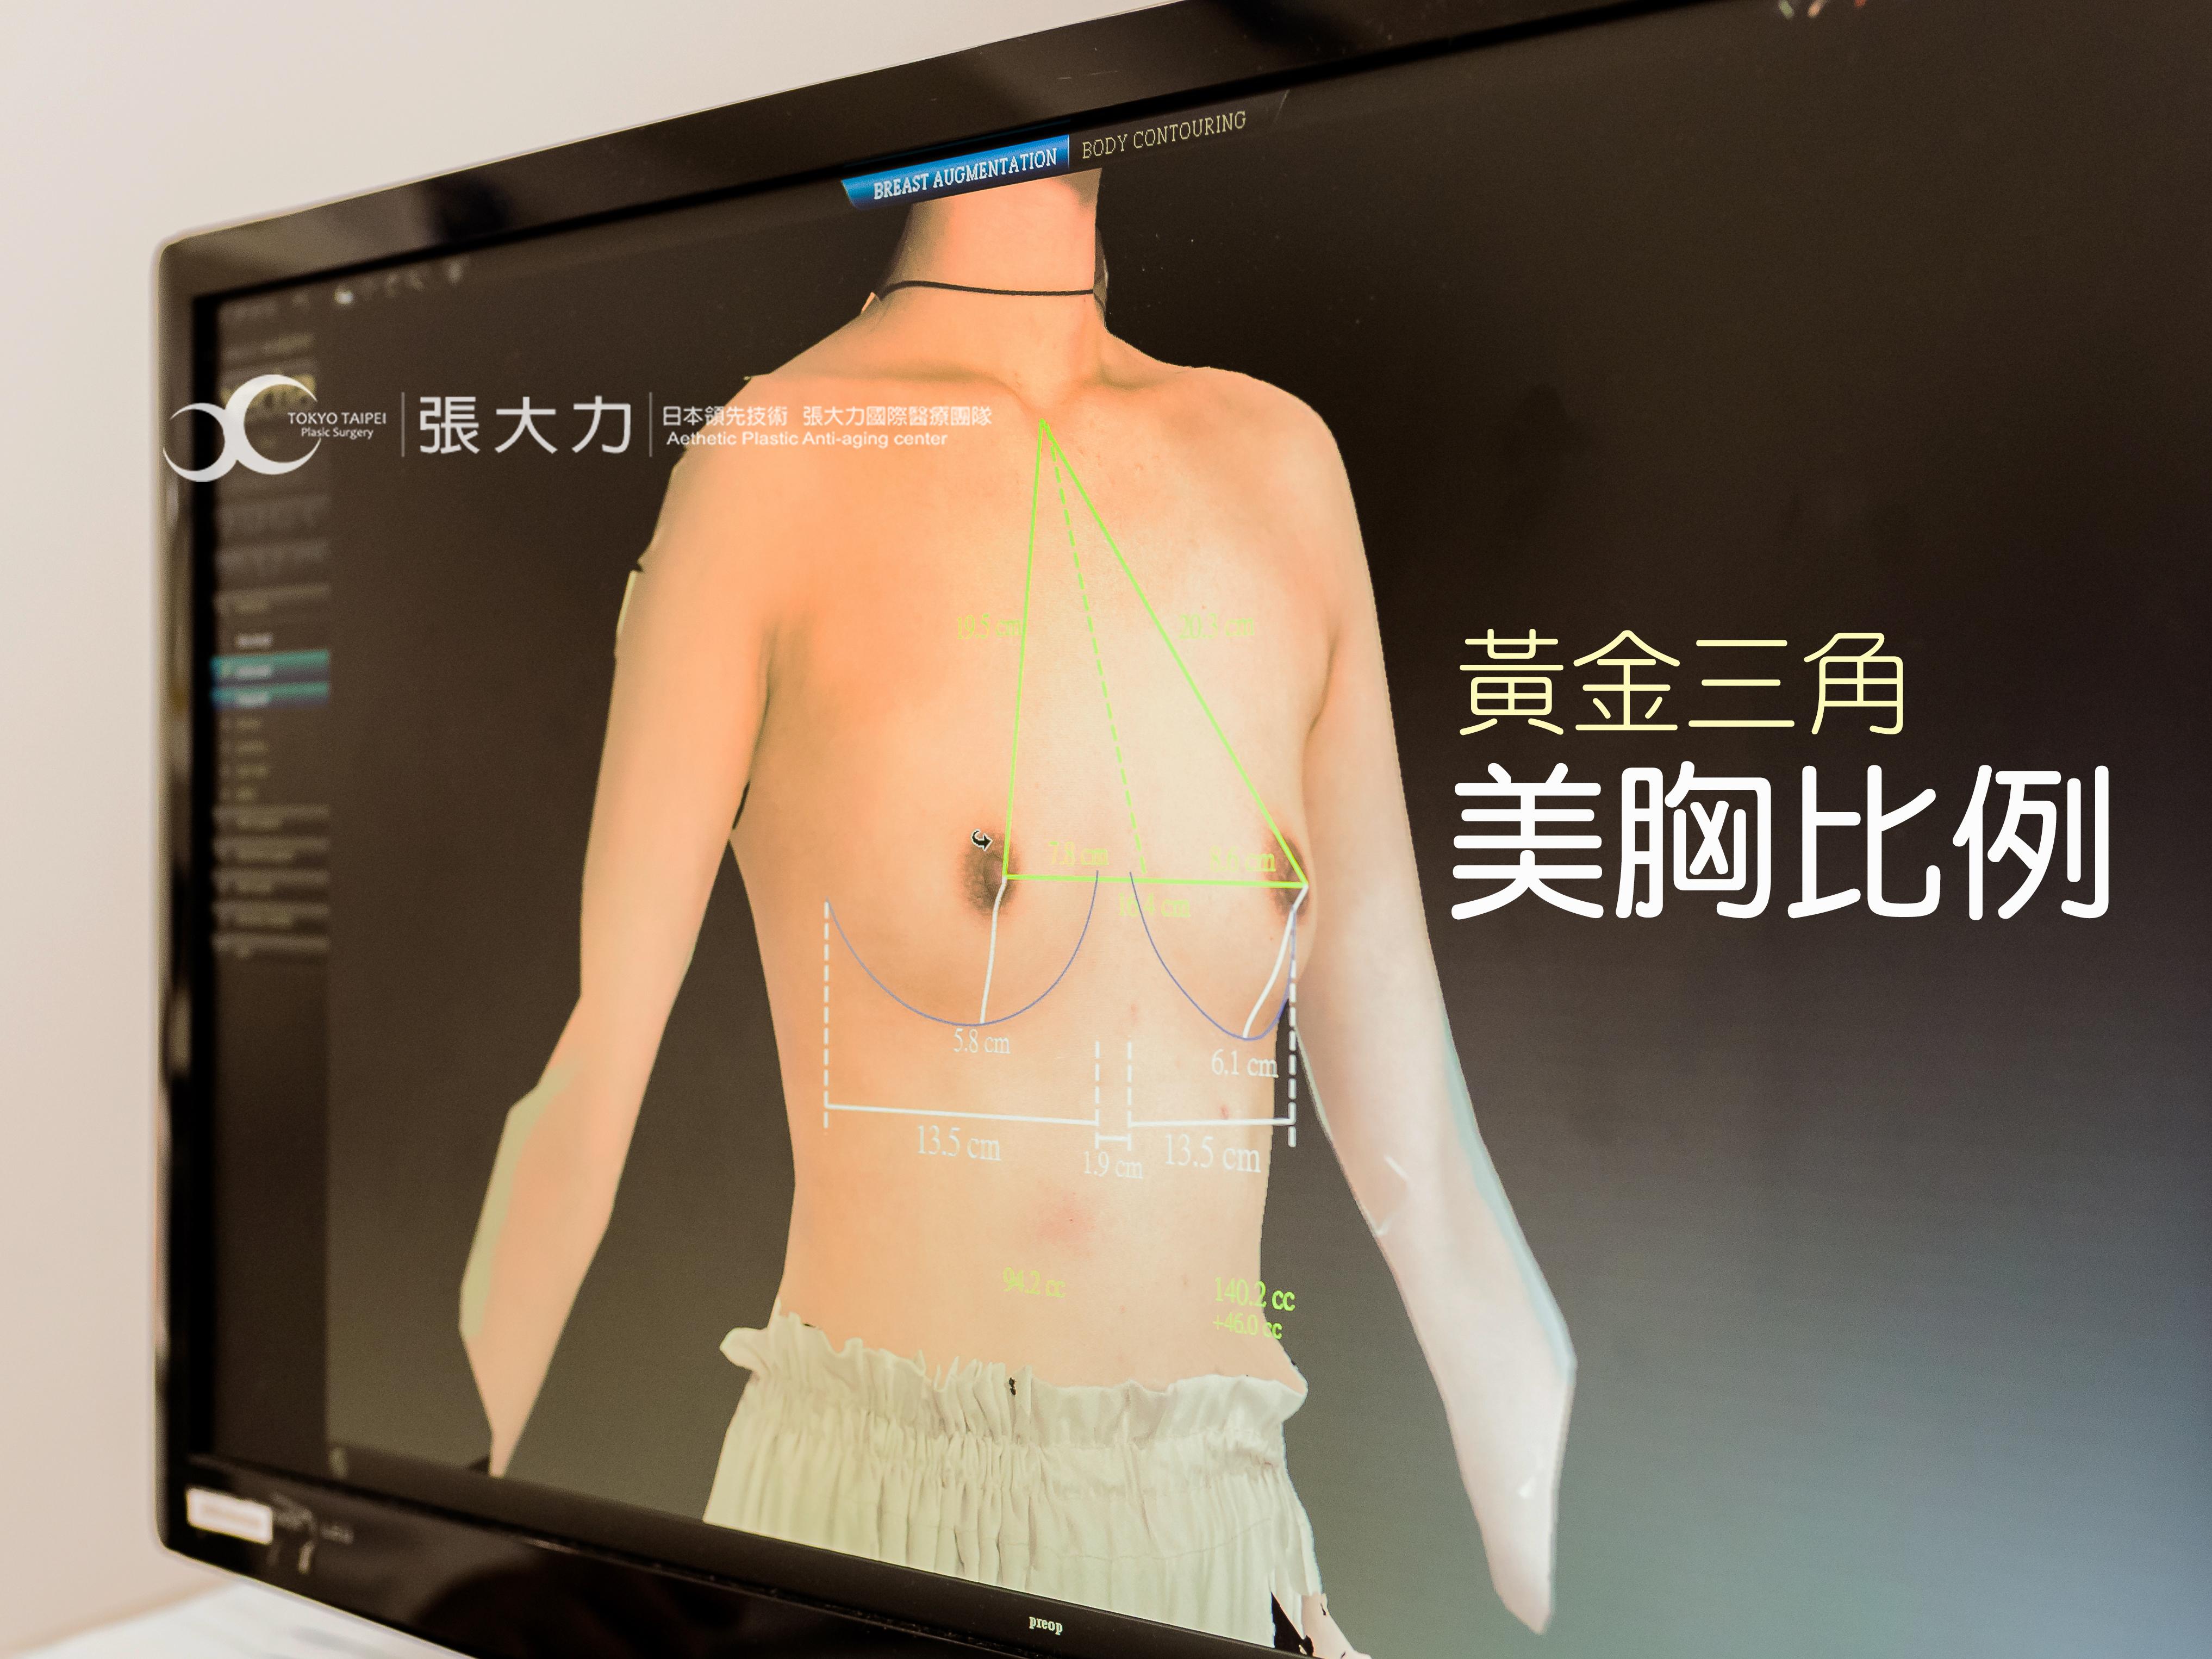 黃金三角美胸比例隆乳權威-東京風采整形